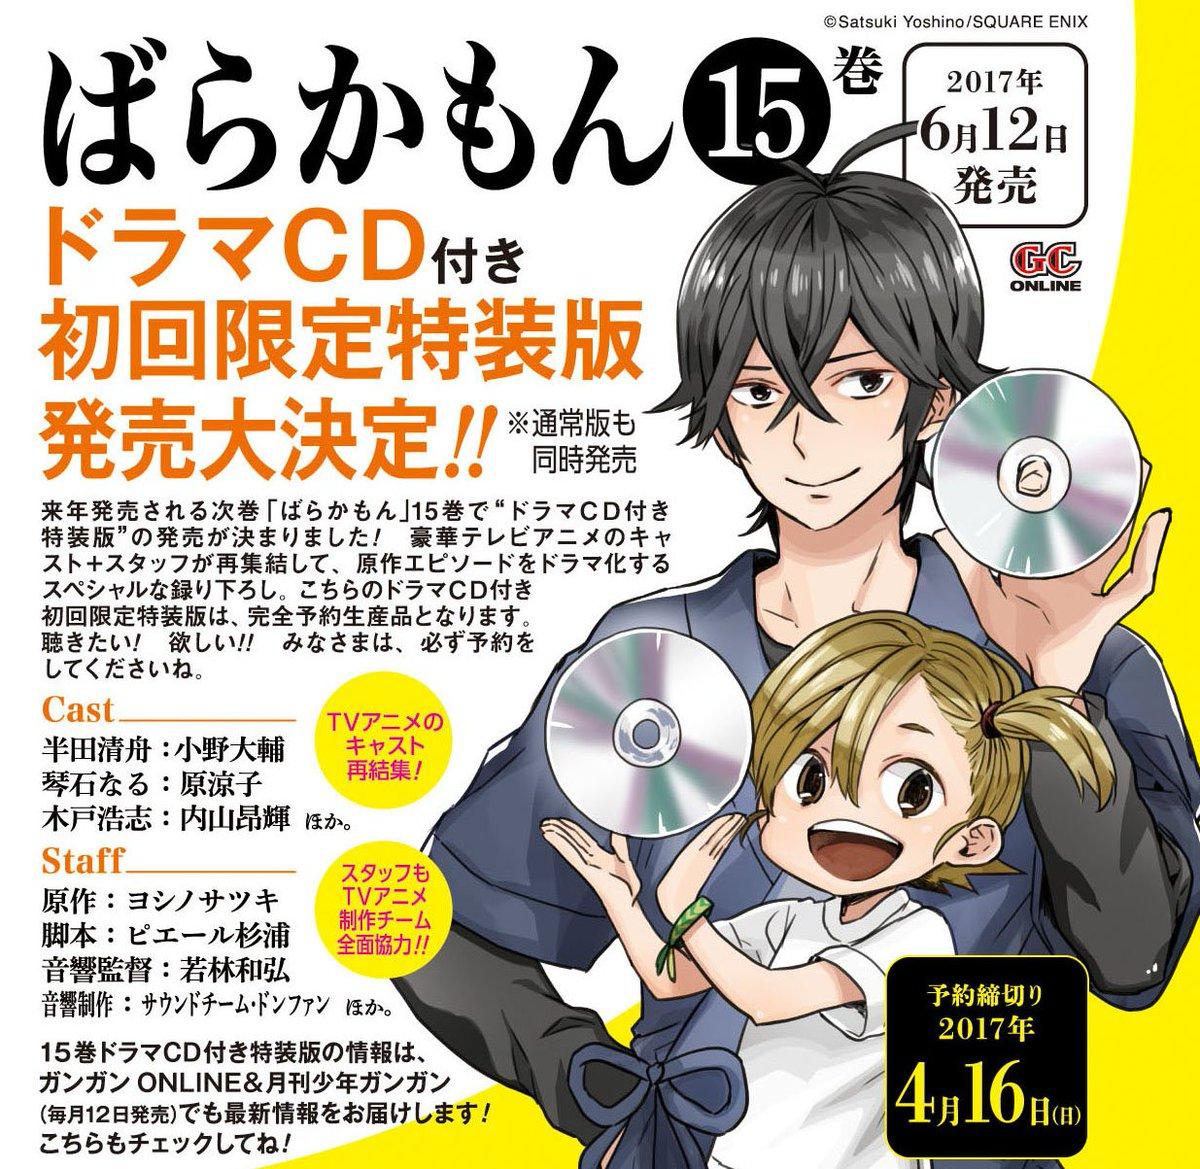 ドラマCD付き初回限定特装版発売決定!!『ばらかもん(15)(初回限定特装版)』予約開始!